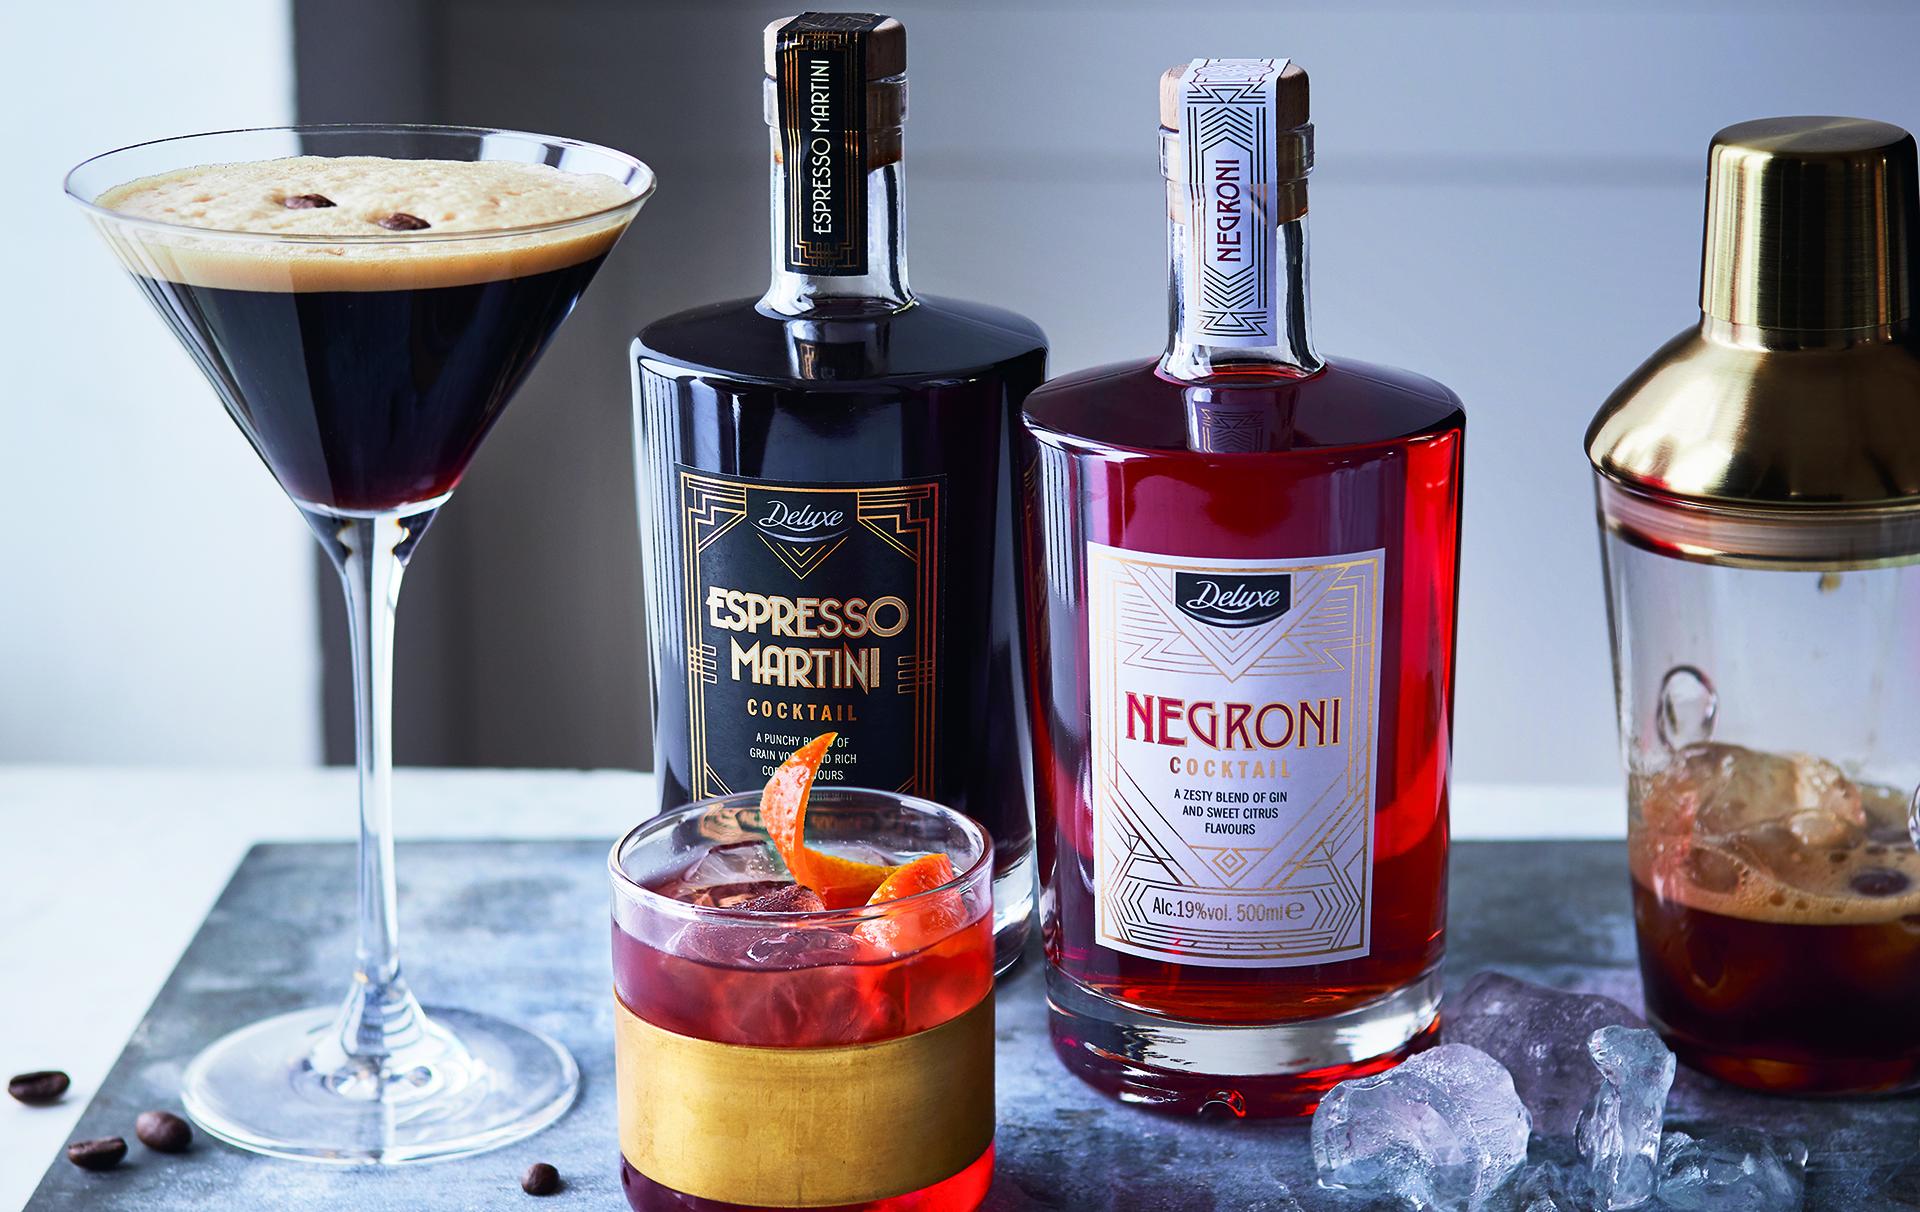 Lidl pre-mixed Negroni and Espresso Martini